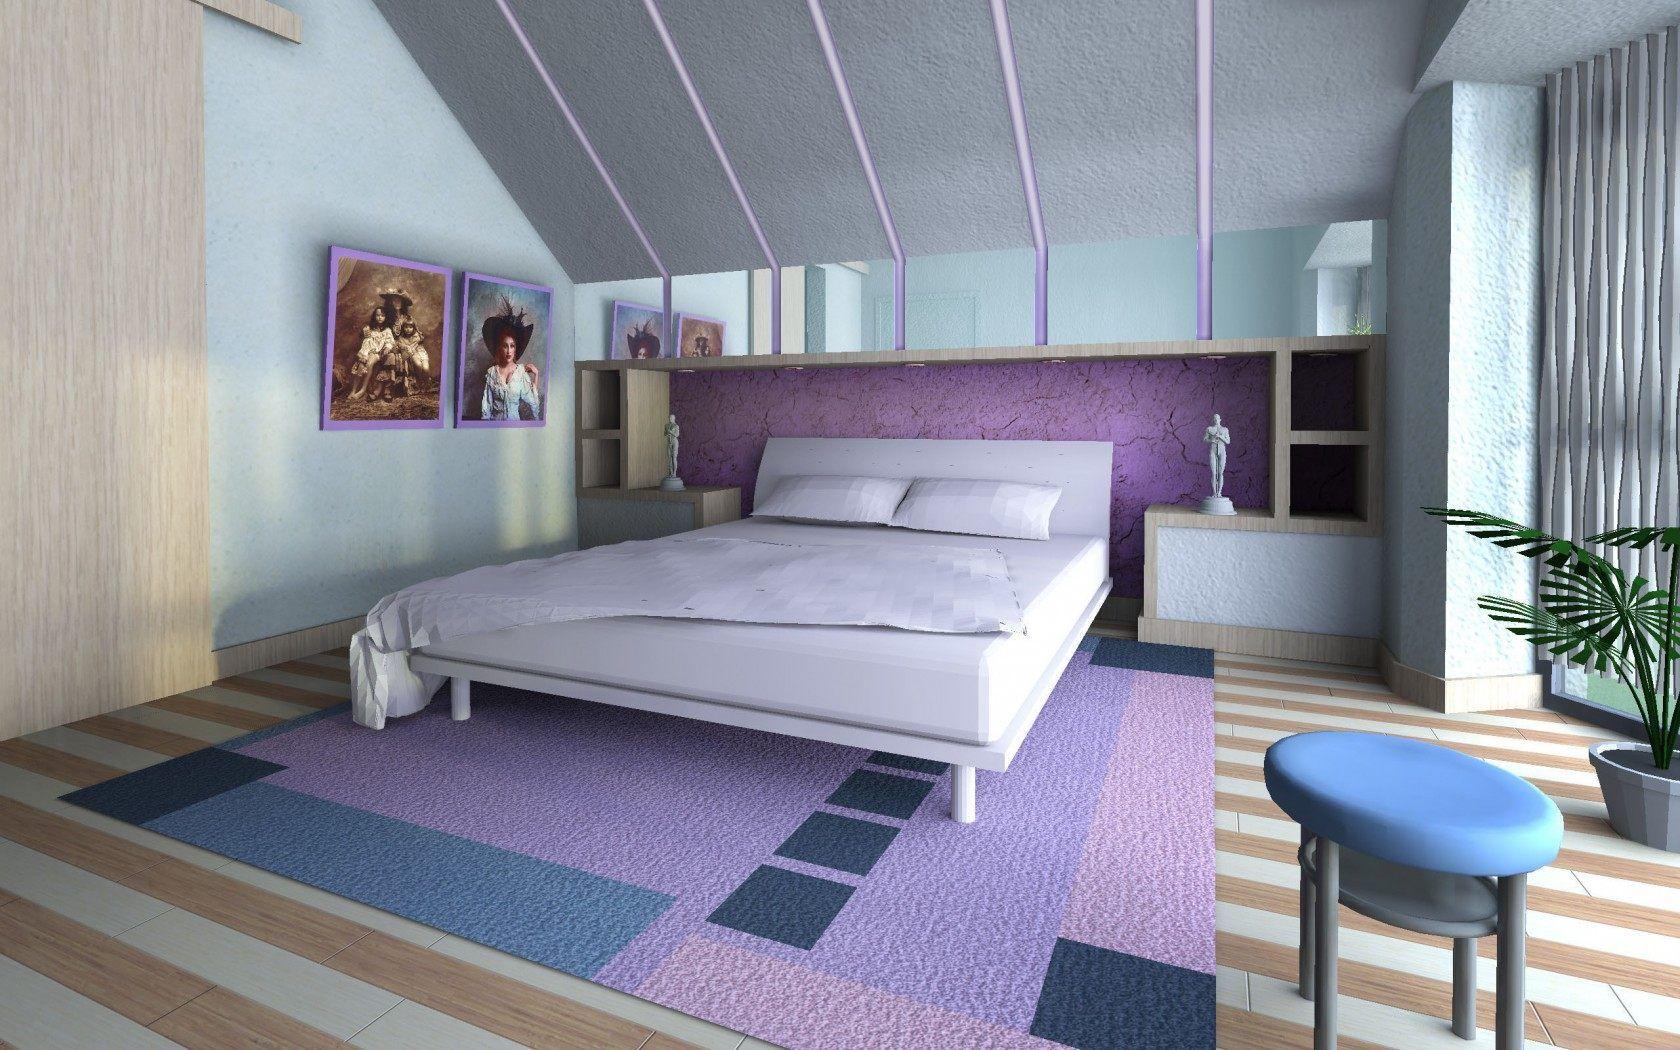 Интерьер, стиль, дизайн, дом, жилая комната, спальня обои ...